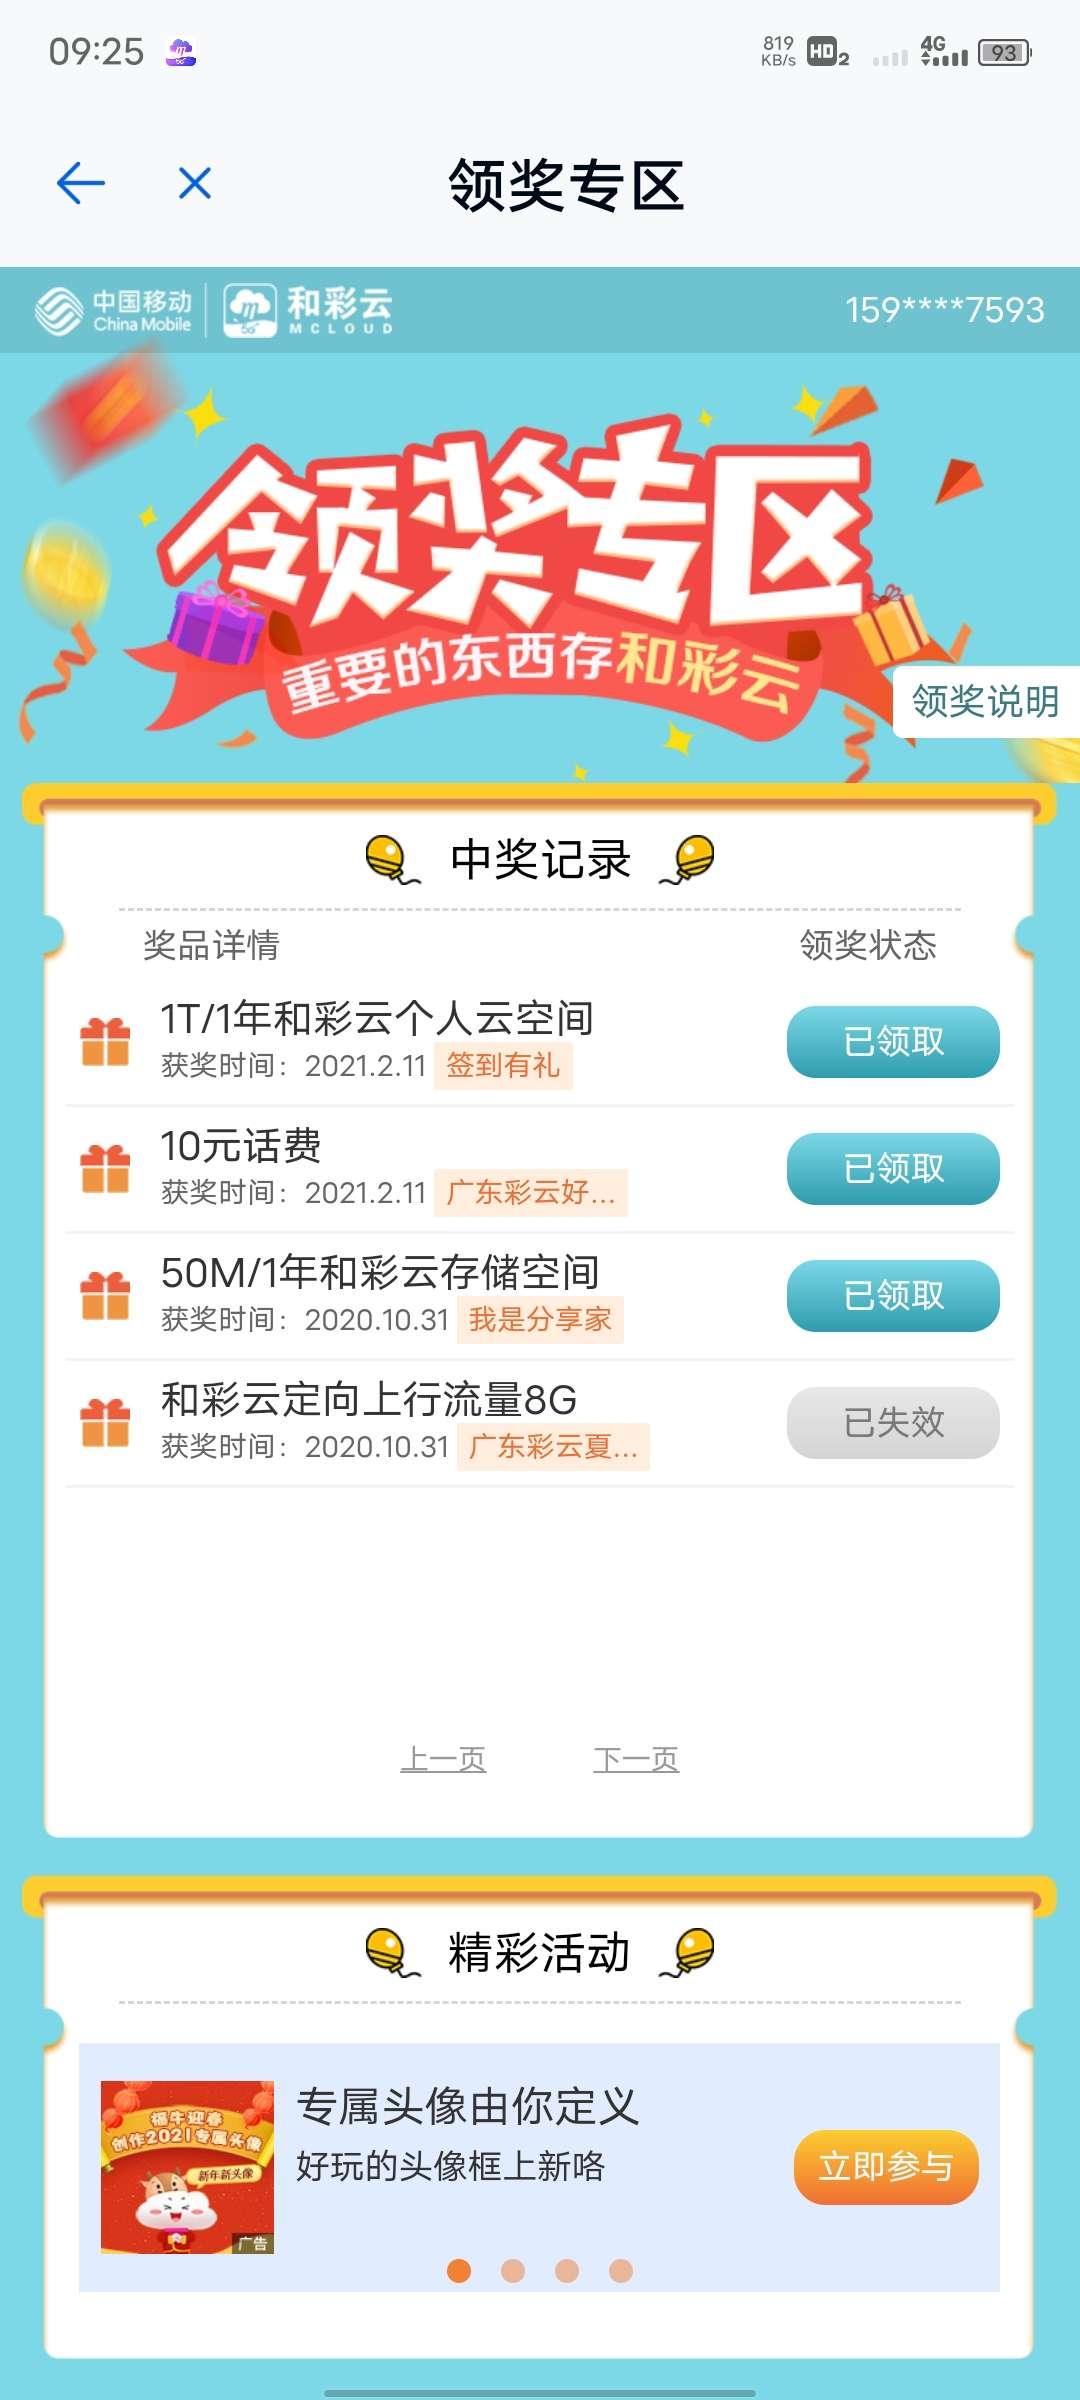 (话费)下载和彩云领十块钱话费还可以邀请好友赢话费插图1